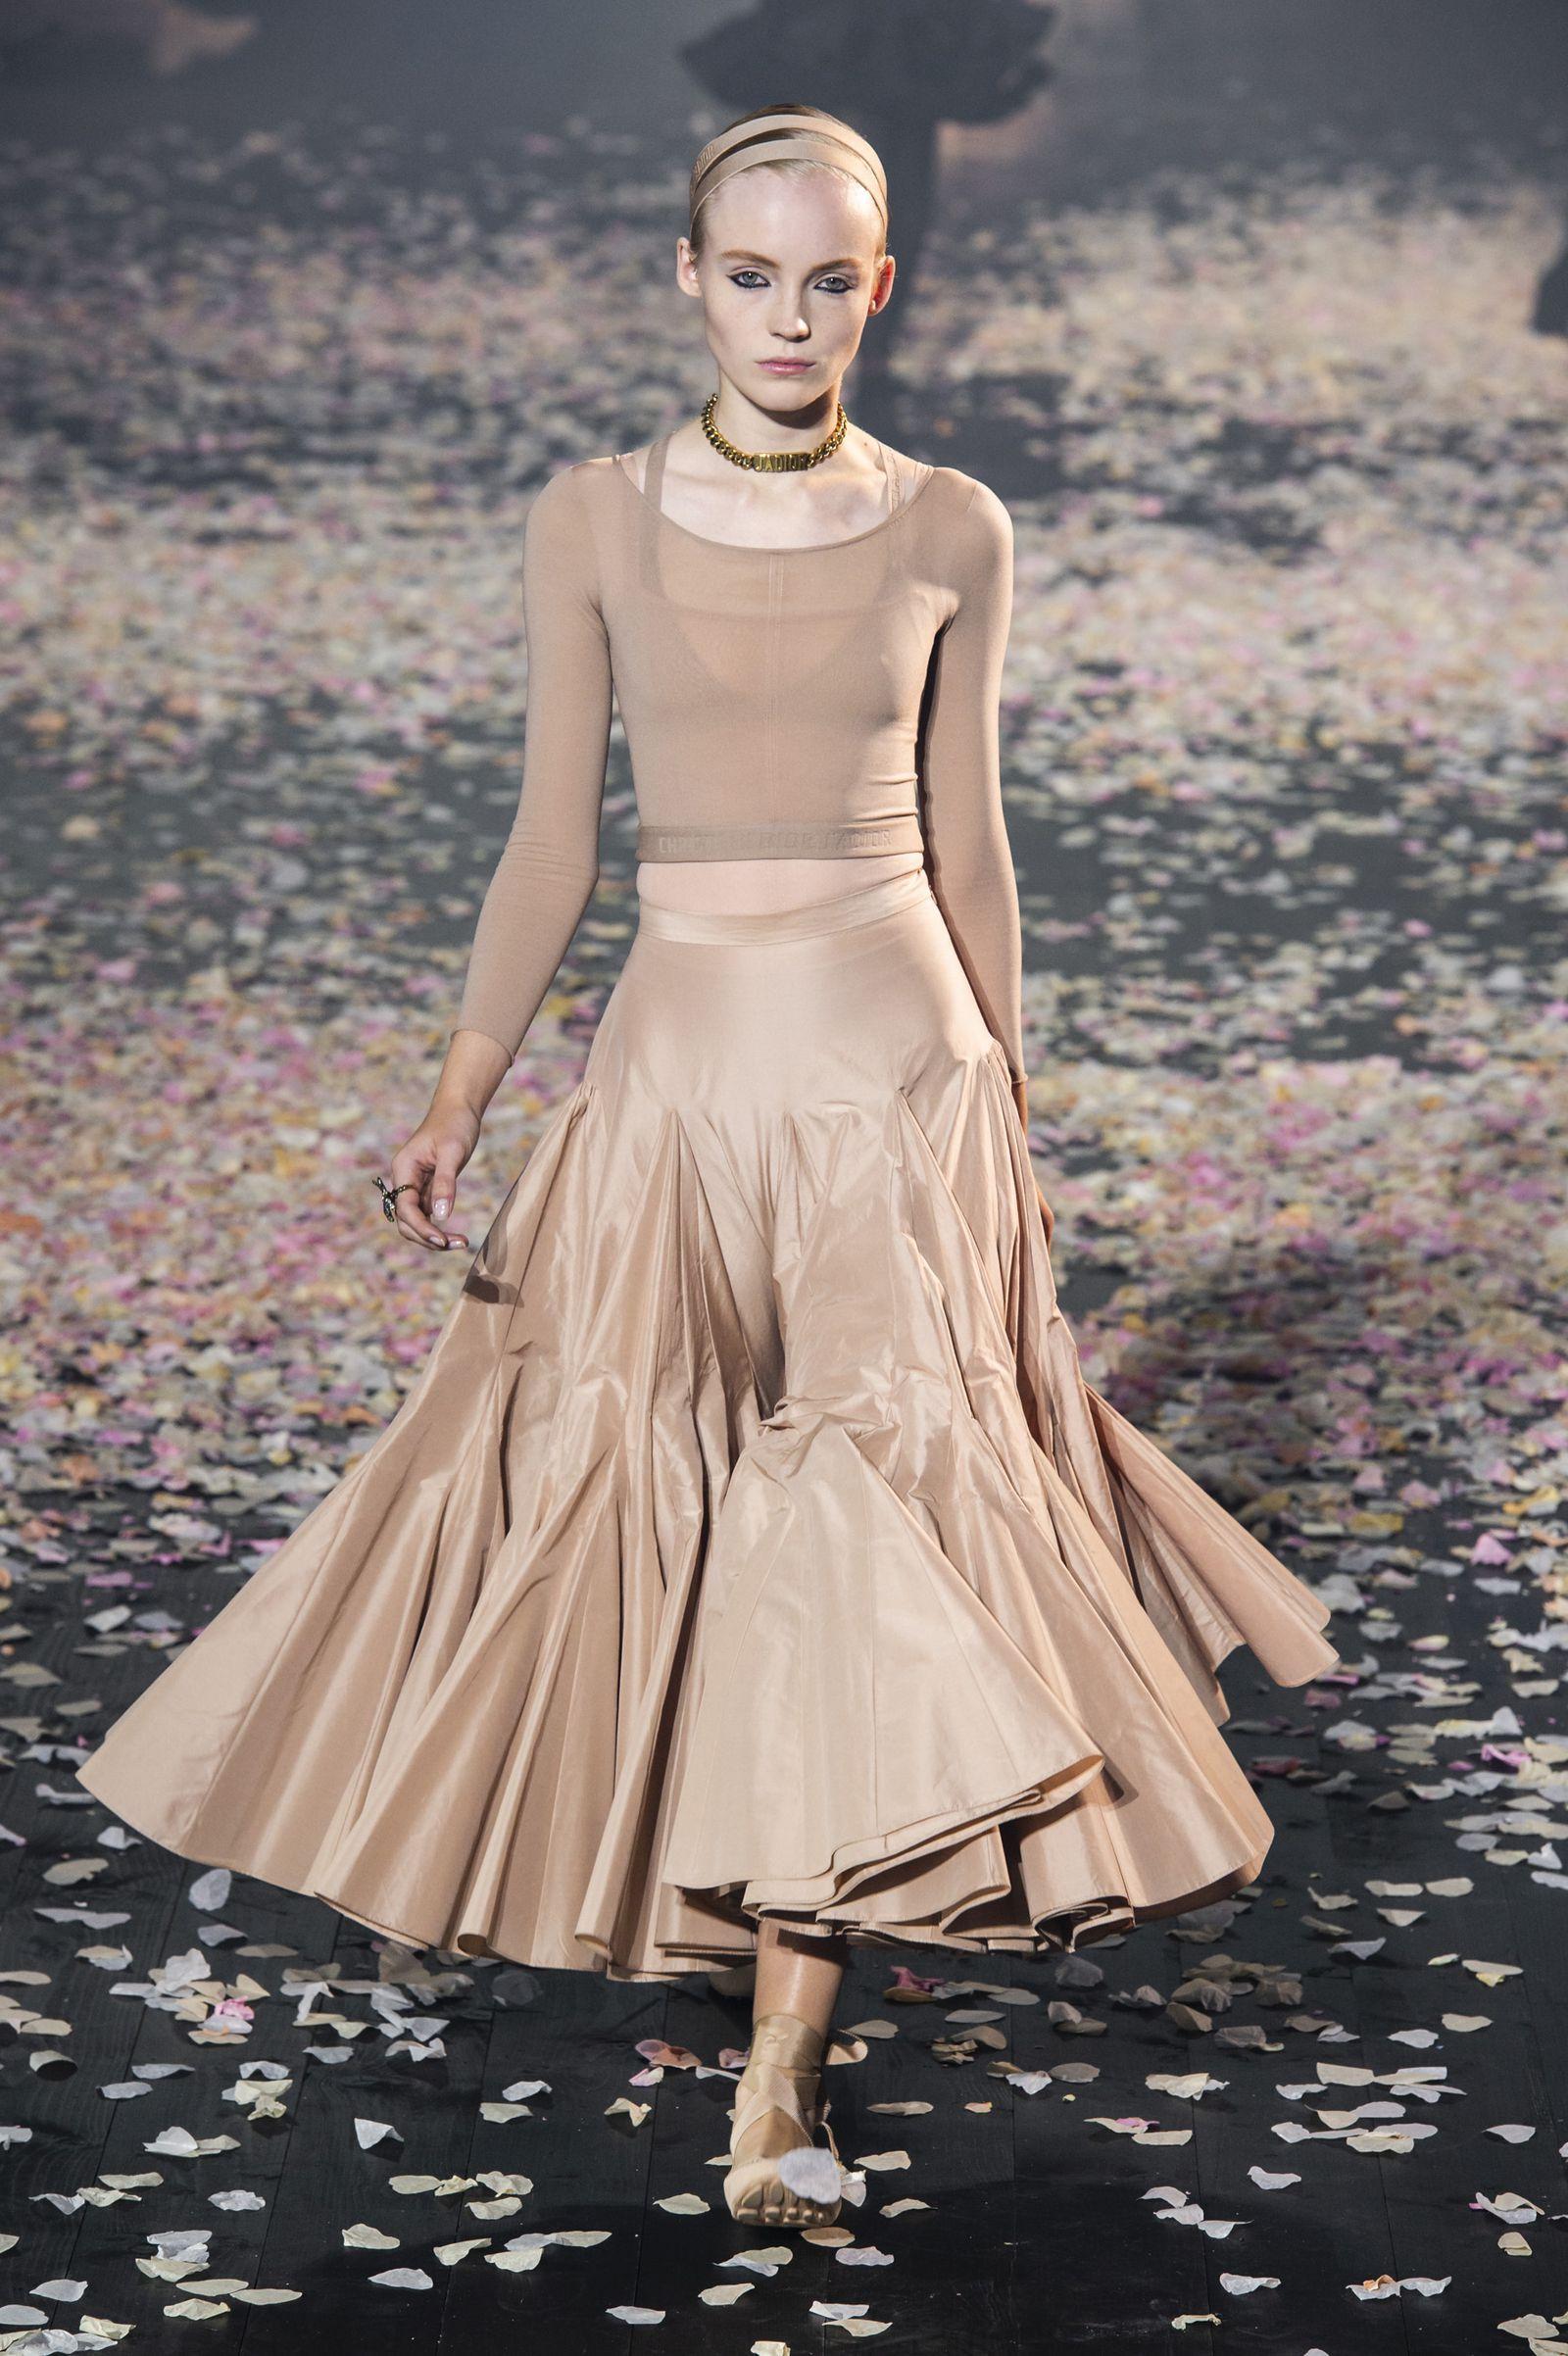 Paris Fashion Week Spring/Summer 2019: Christian Dior